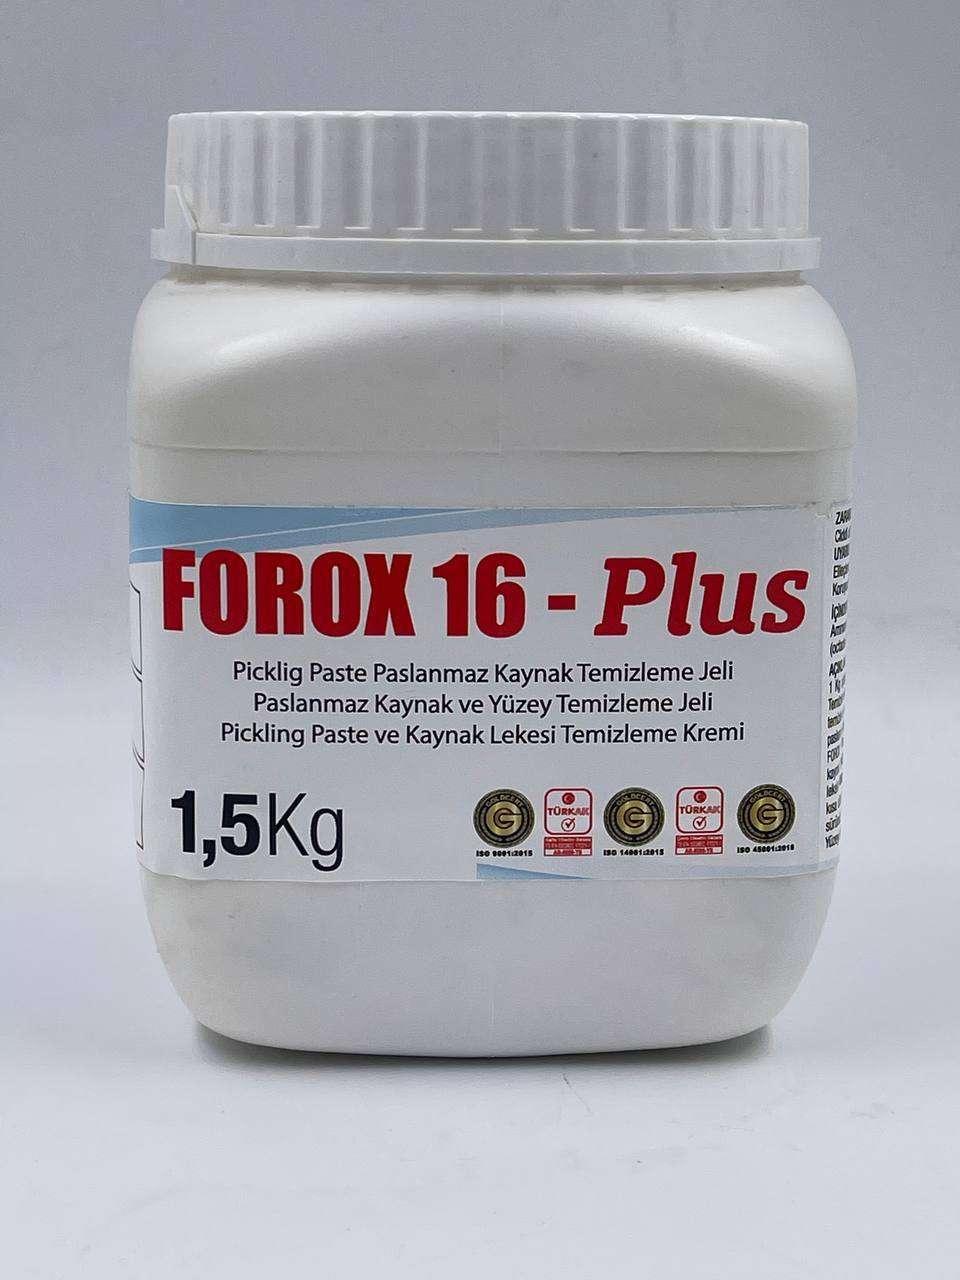 Paslanmaz kaynak temizleme jeli FOROX 16-Plus